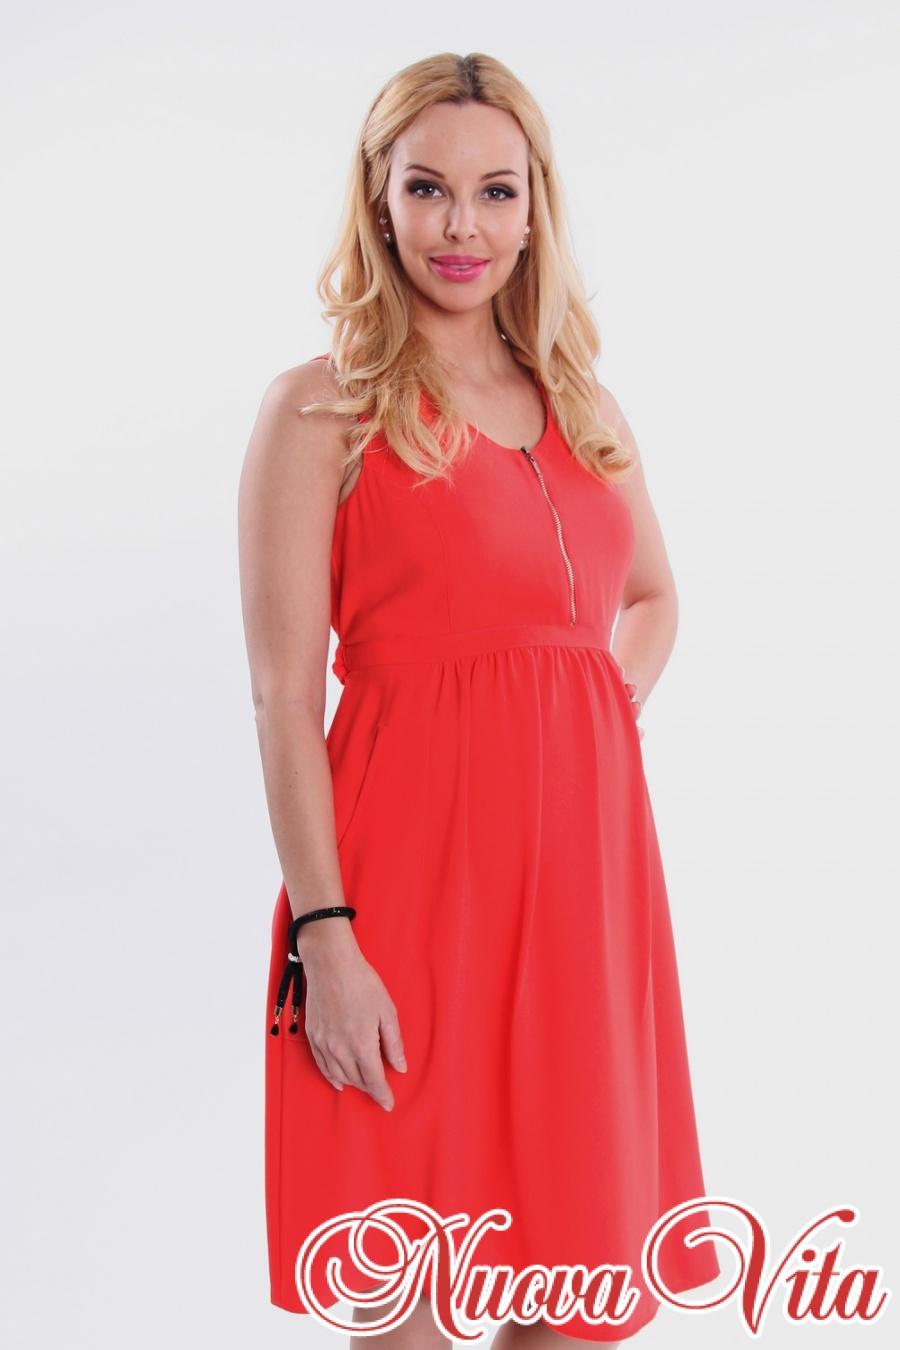 Дешевый Магазин Одежды Для Беременных С Доставкой